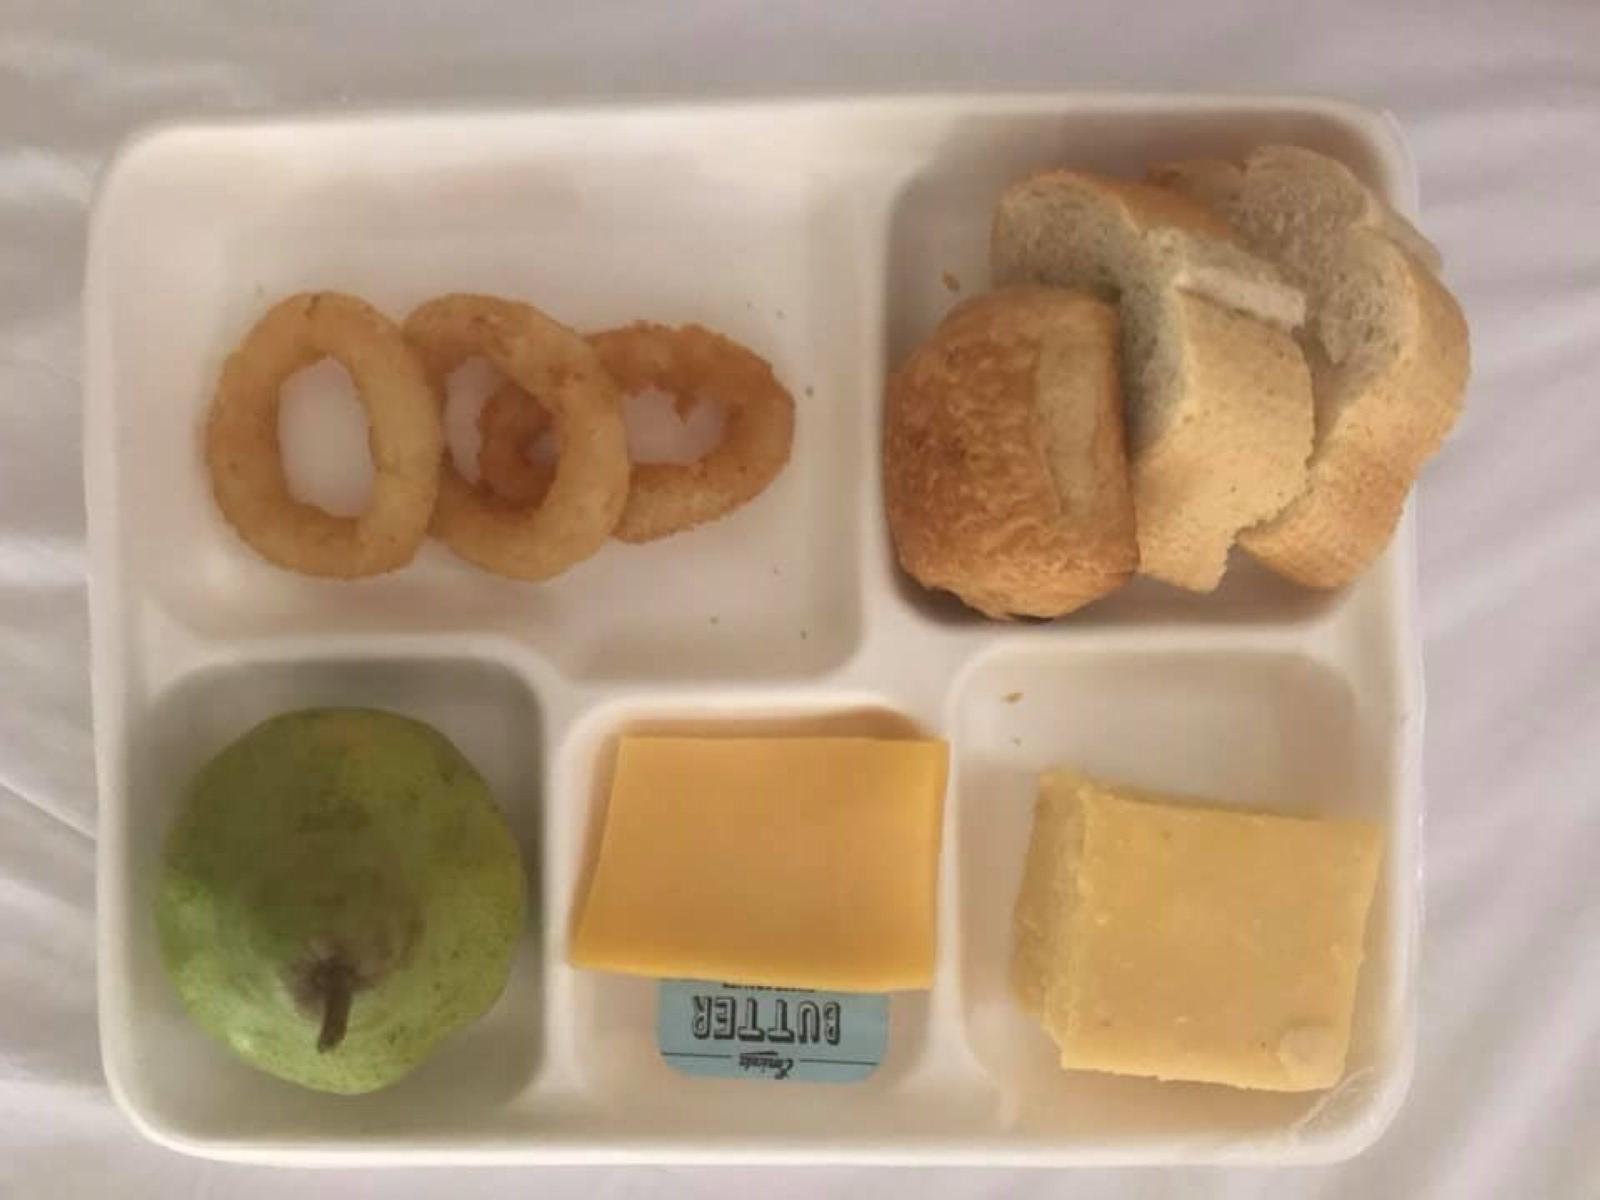 Repas dans les centres de quarantaine en période de confinement: 4 prestataires ont touché le jackpot de Rs 48,6 millions